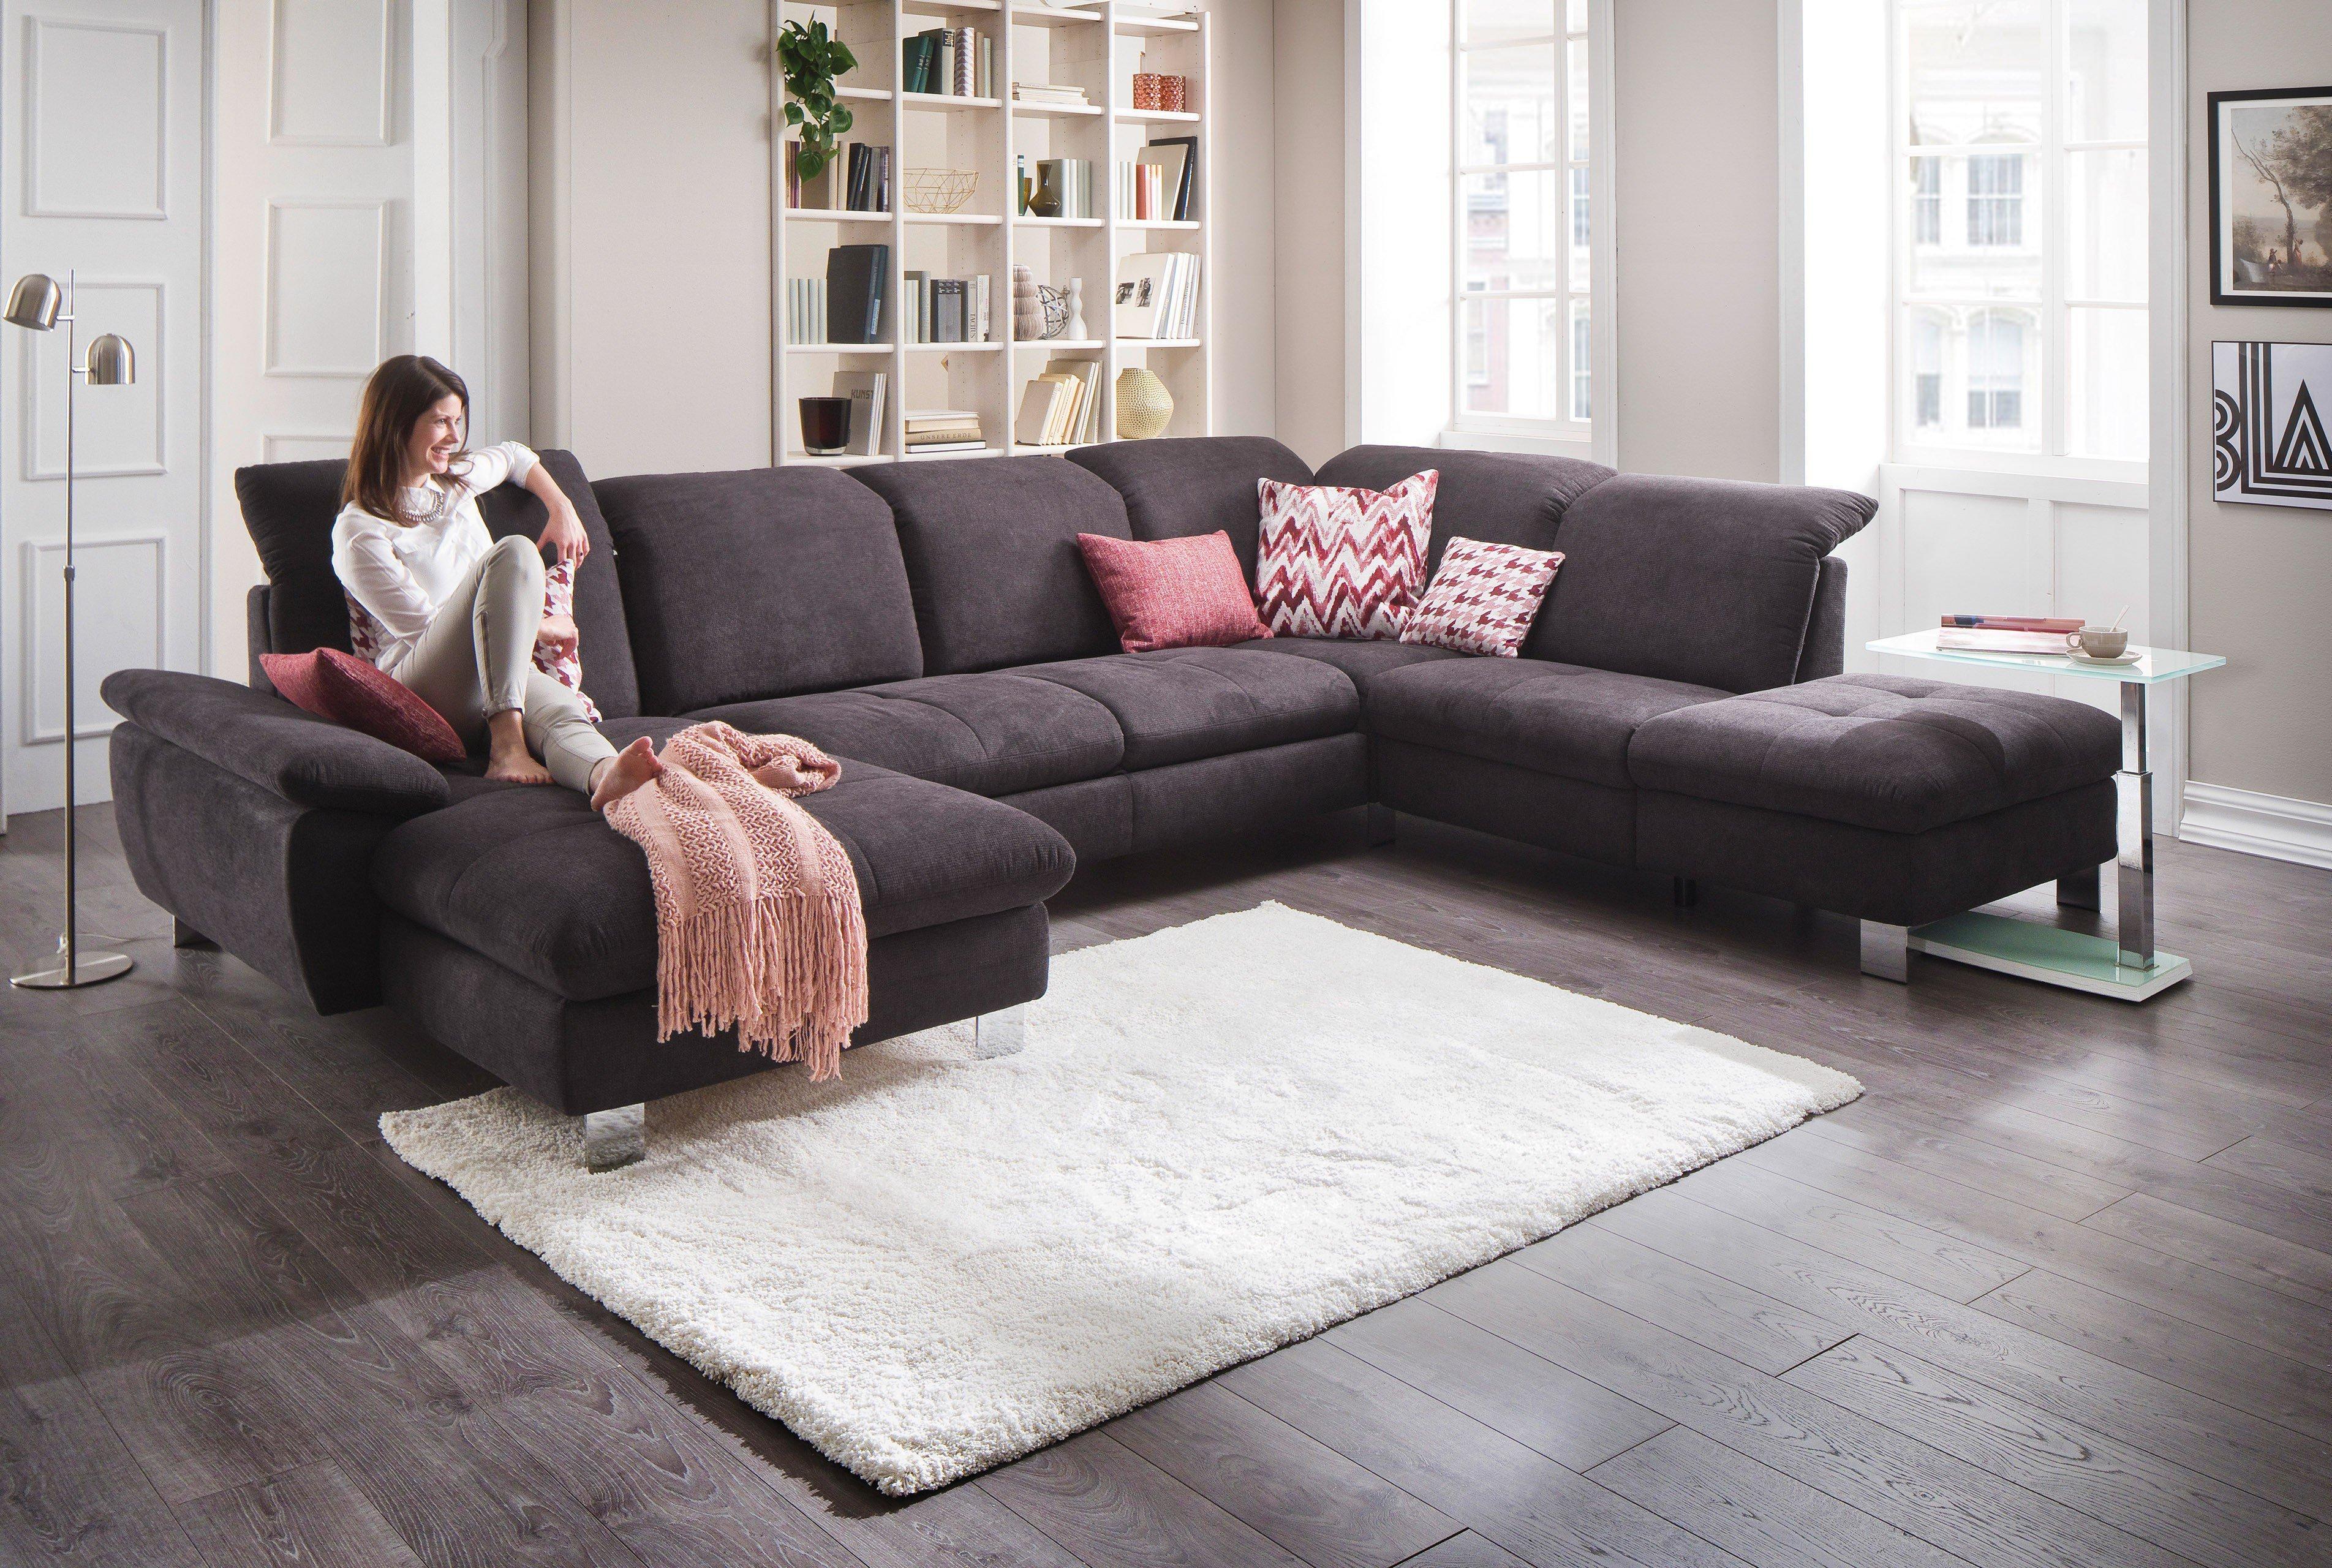 poco toronto wohnlandschaft schwarz m bel letz ihr. Black Bedroom Furniture Sets. Home Design Ideas